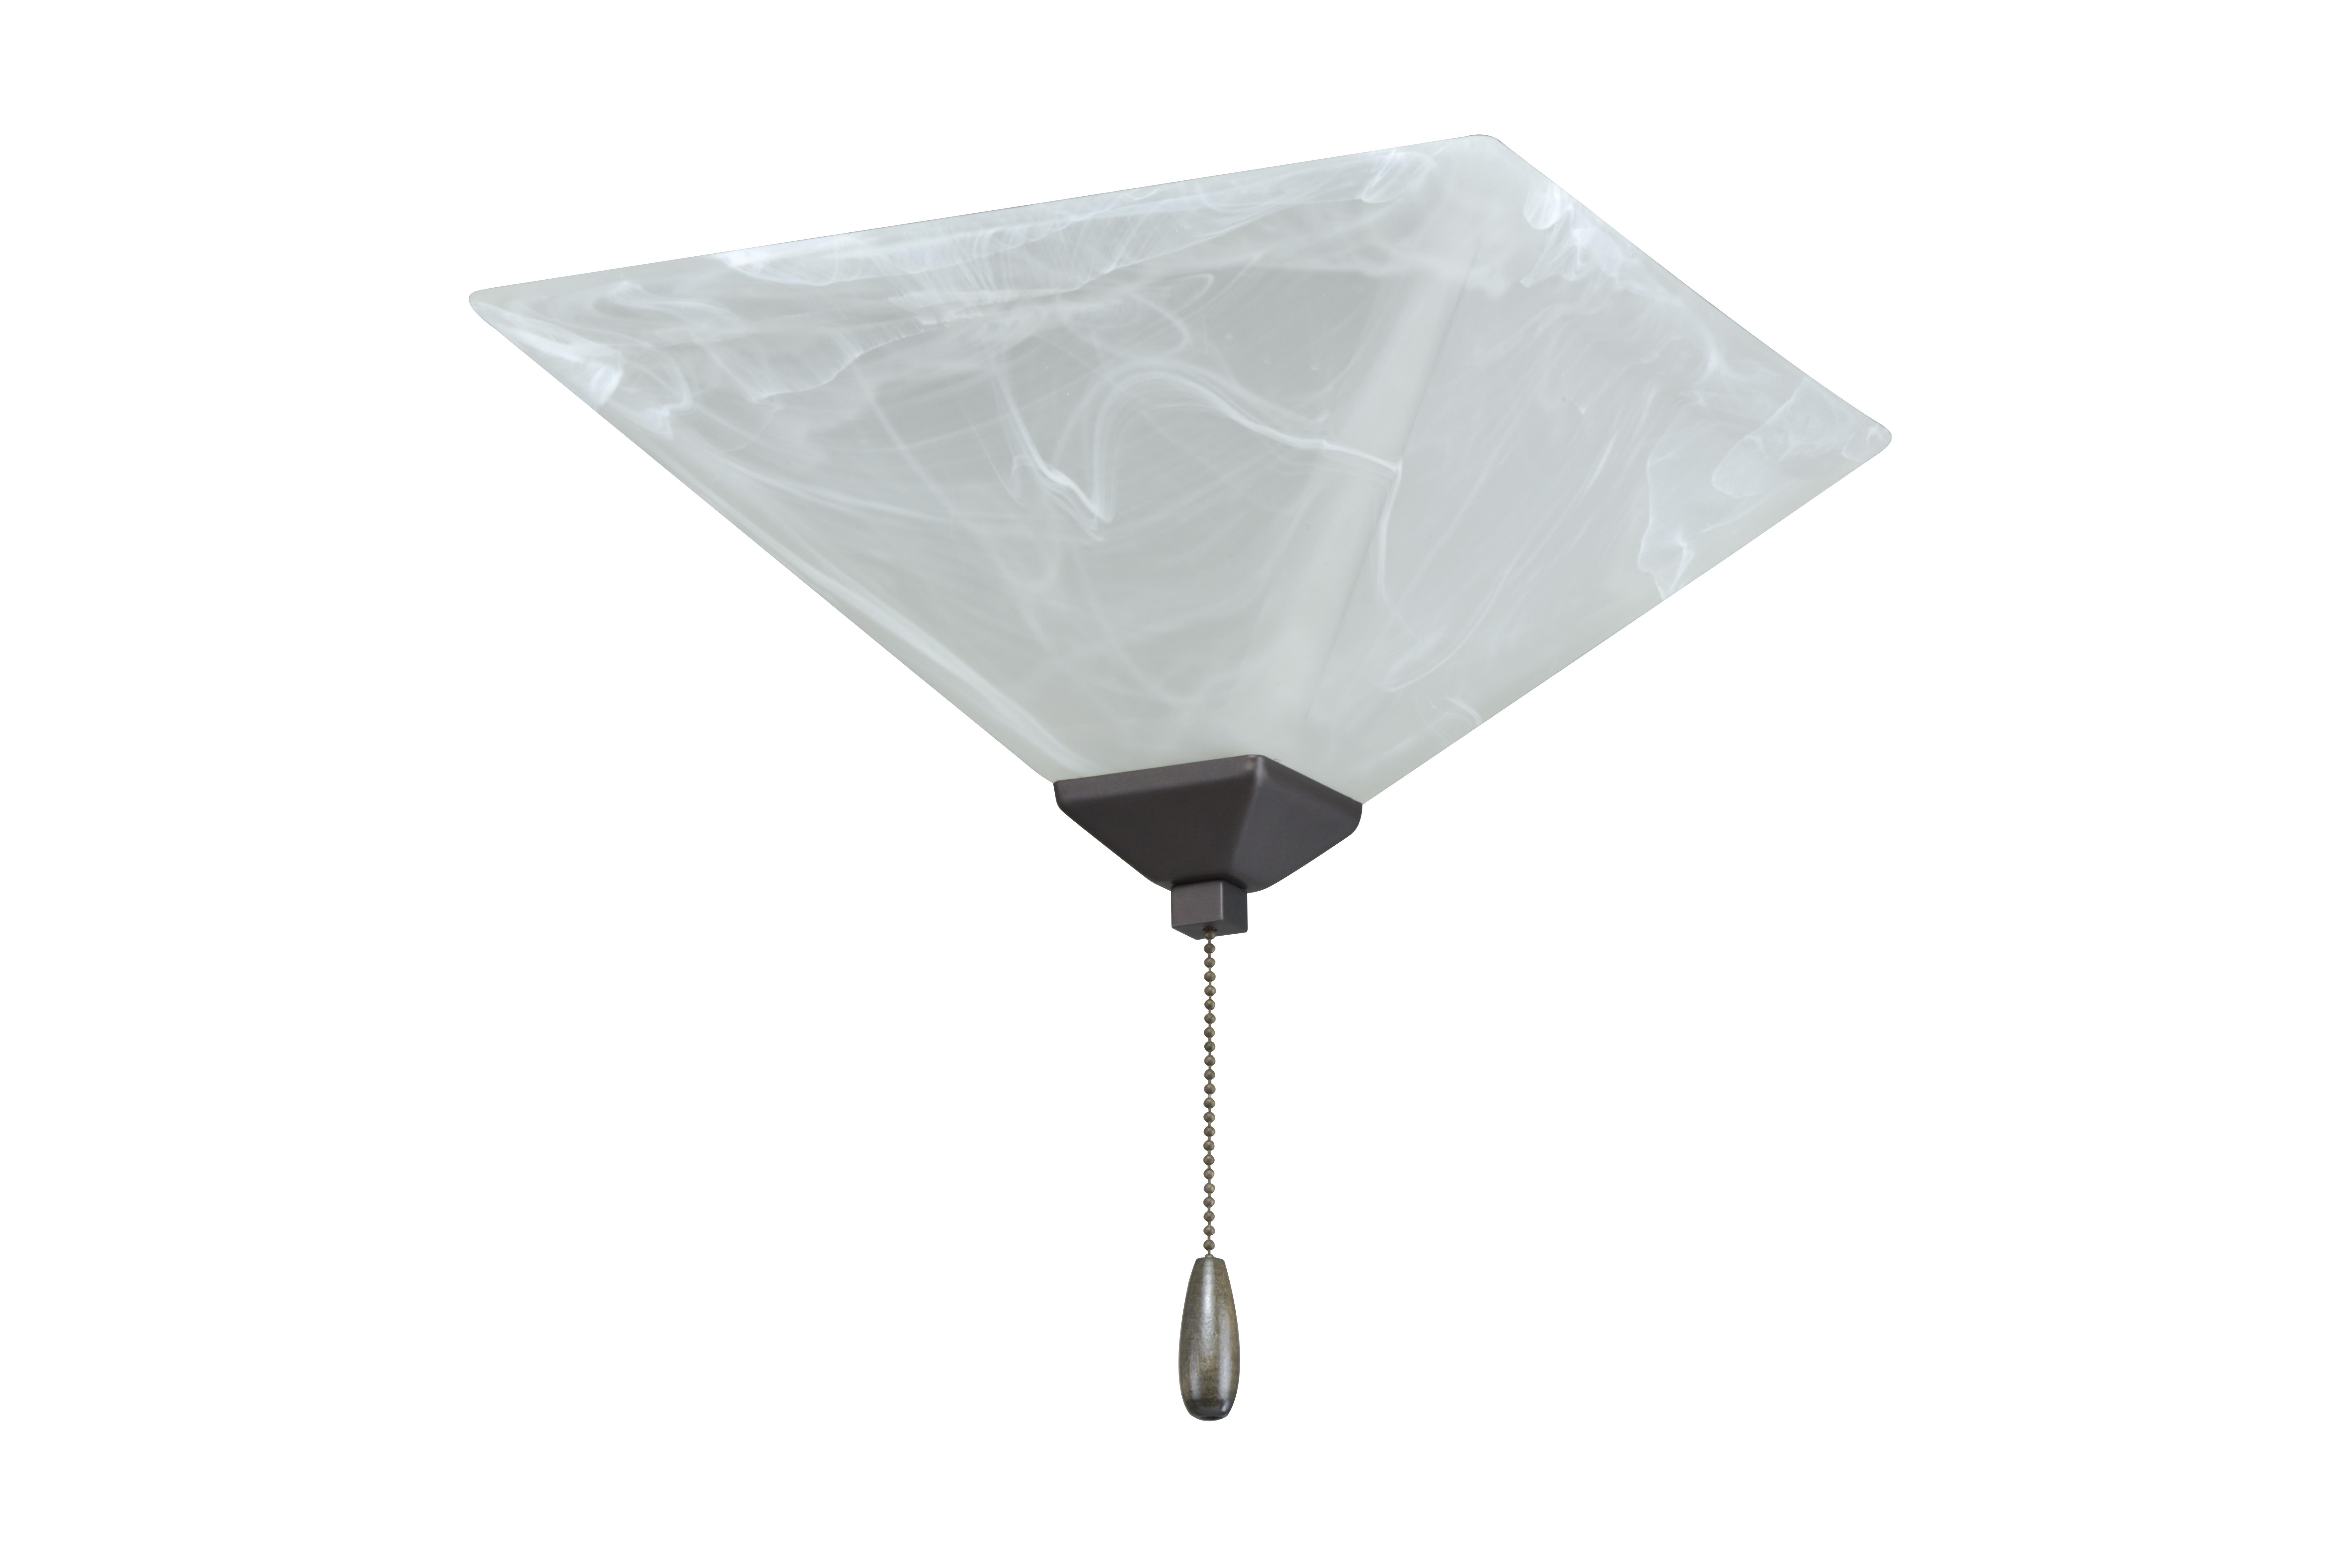 12u201d ceiling fan light kit